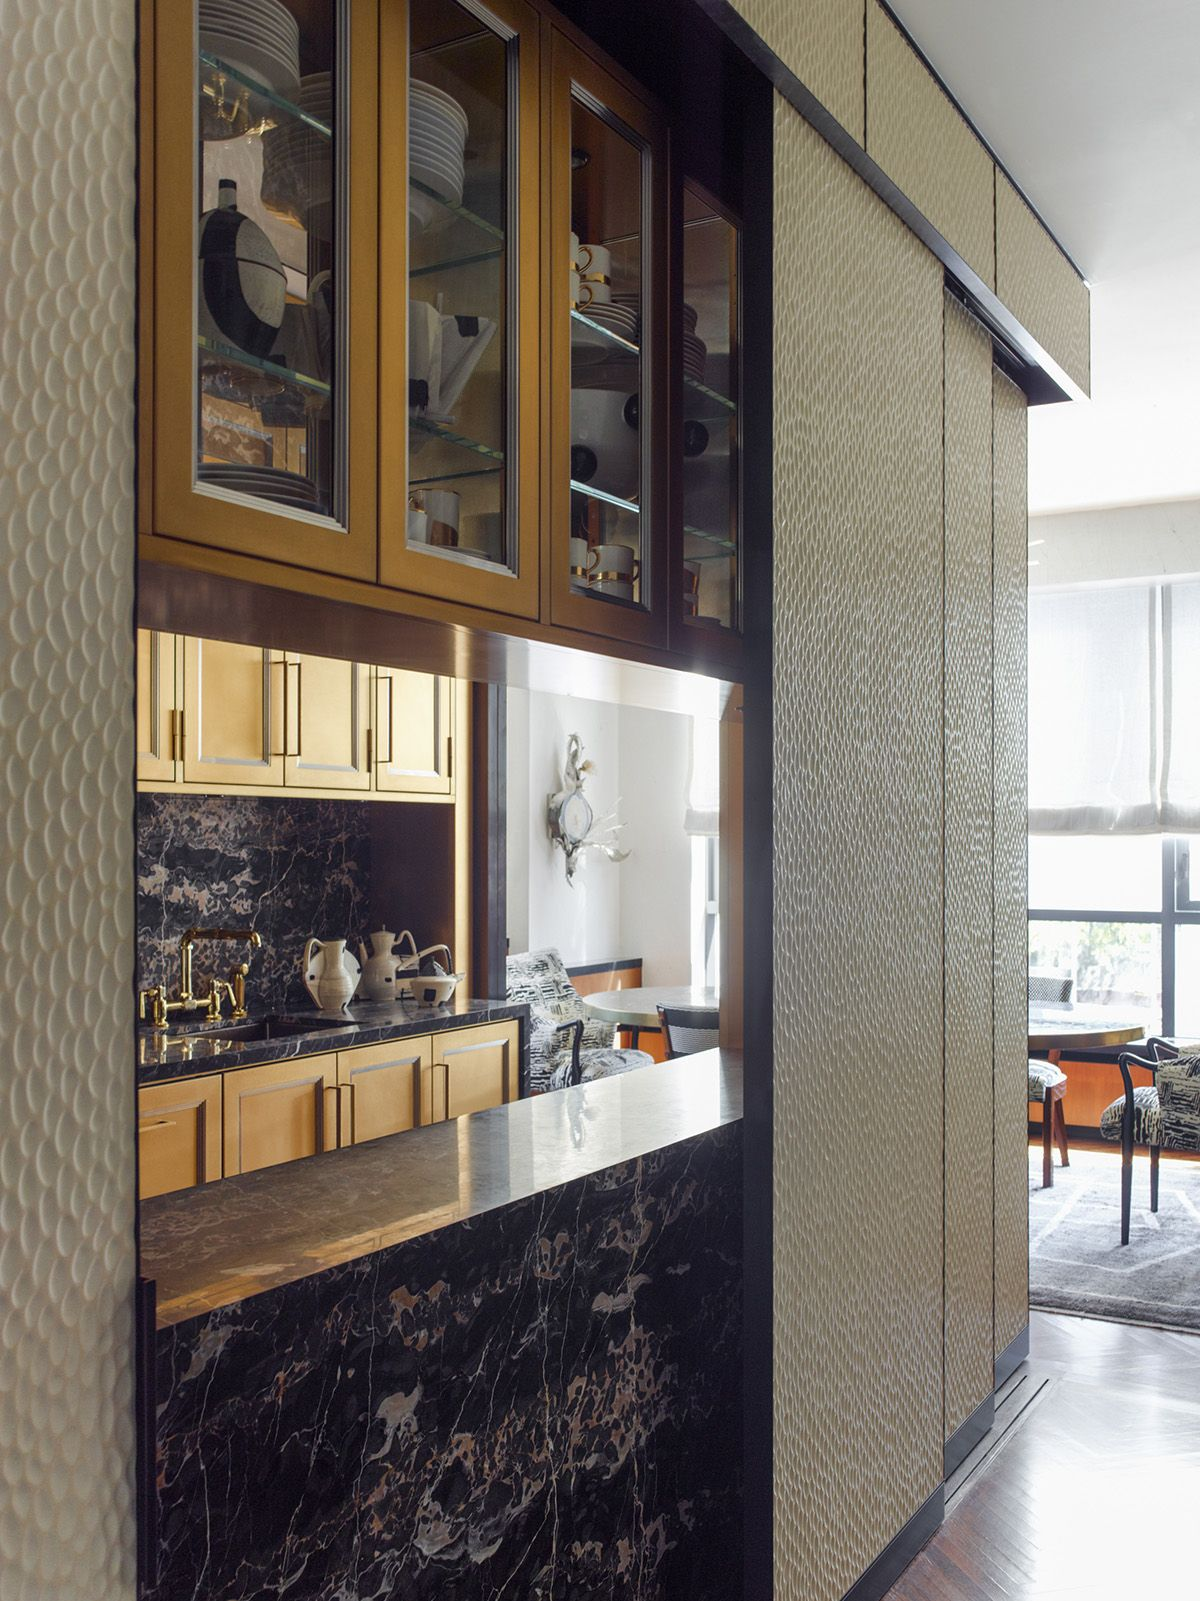 Sliding Doors Reveal An Open Kitchen/bar Entertaining Space. Blodgett  Residence, New York